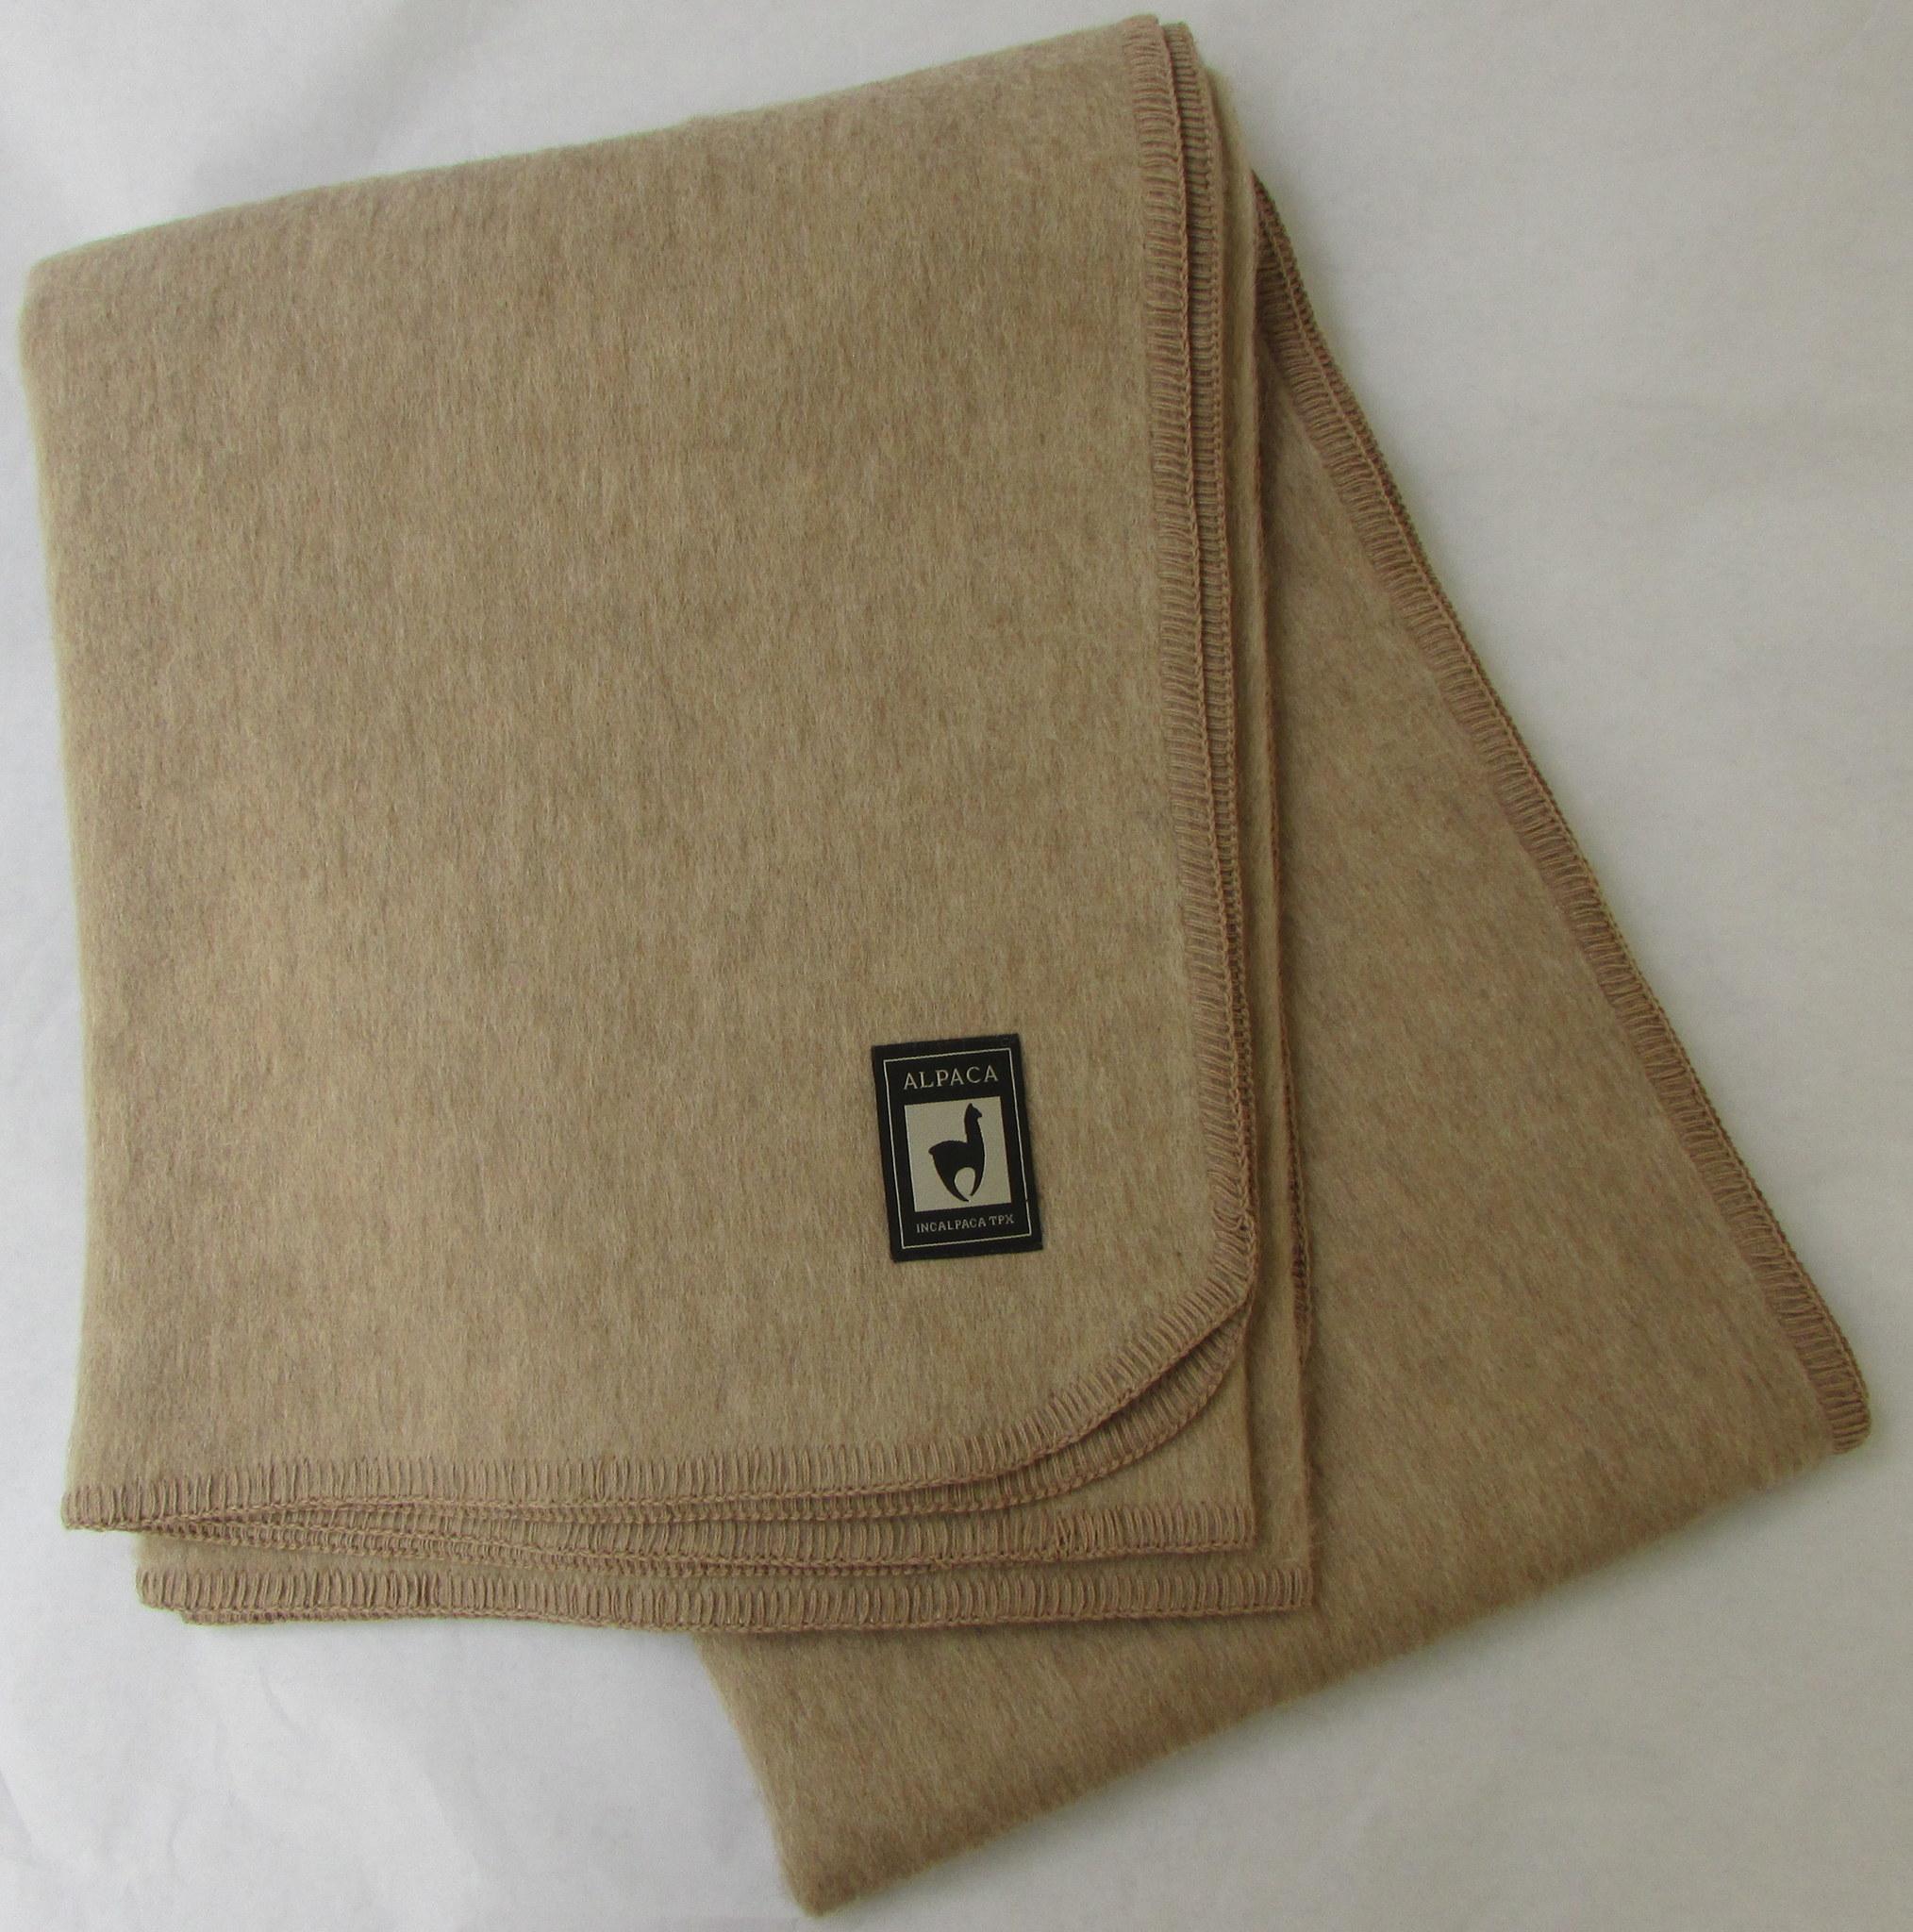 Шерстяные одеяла Одеяло INCALPACA  Перу из шерсти альпаки  OA-4 OA-4.JPG